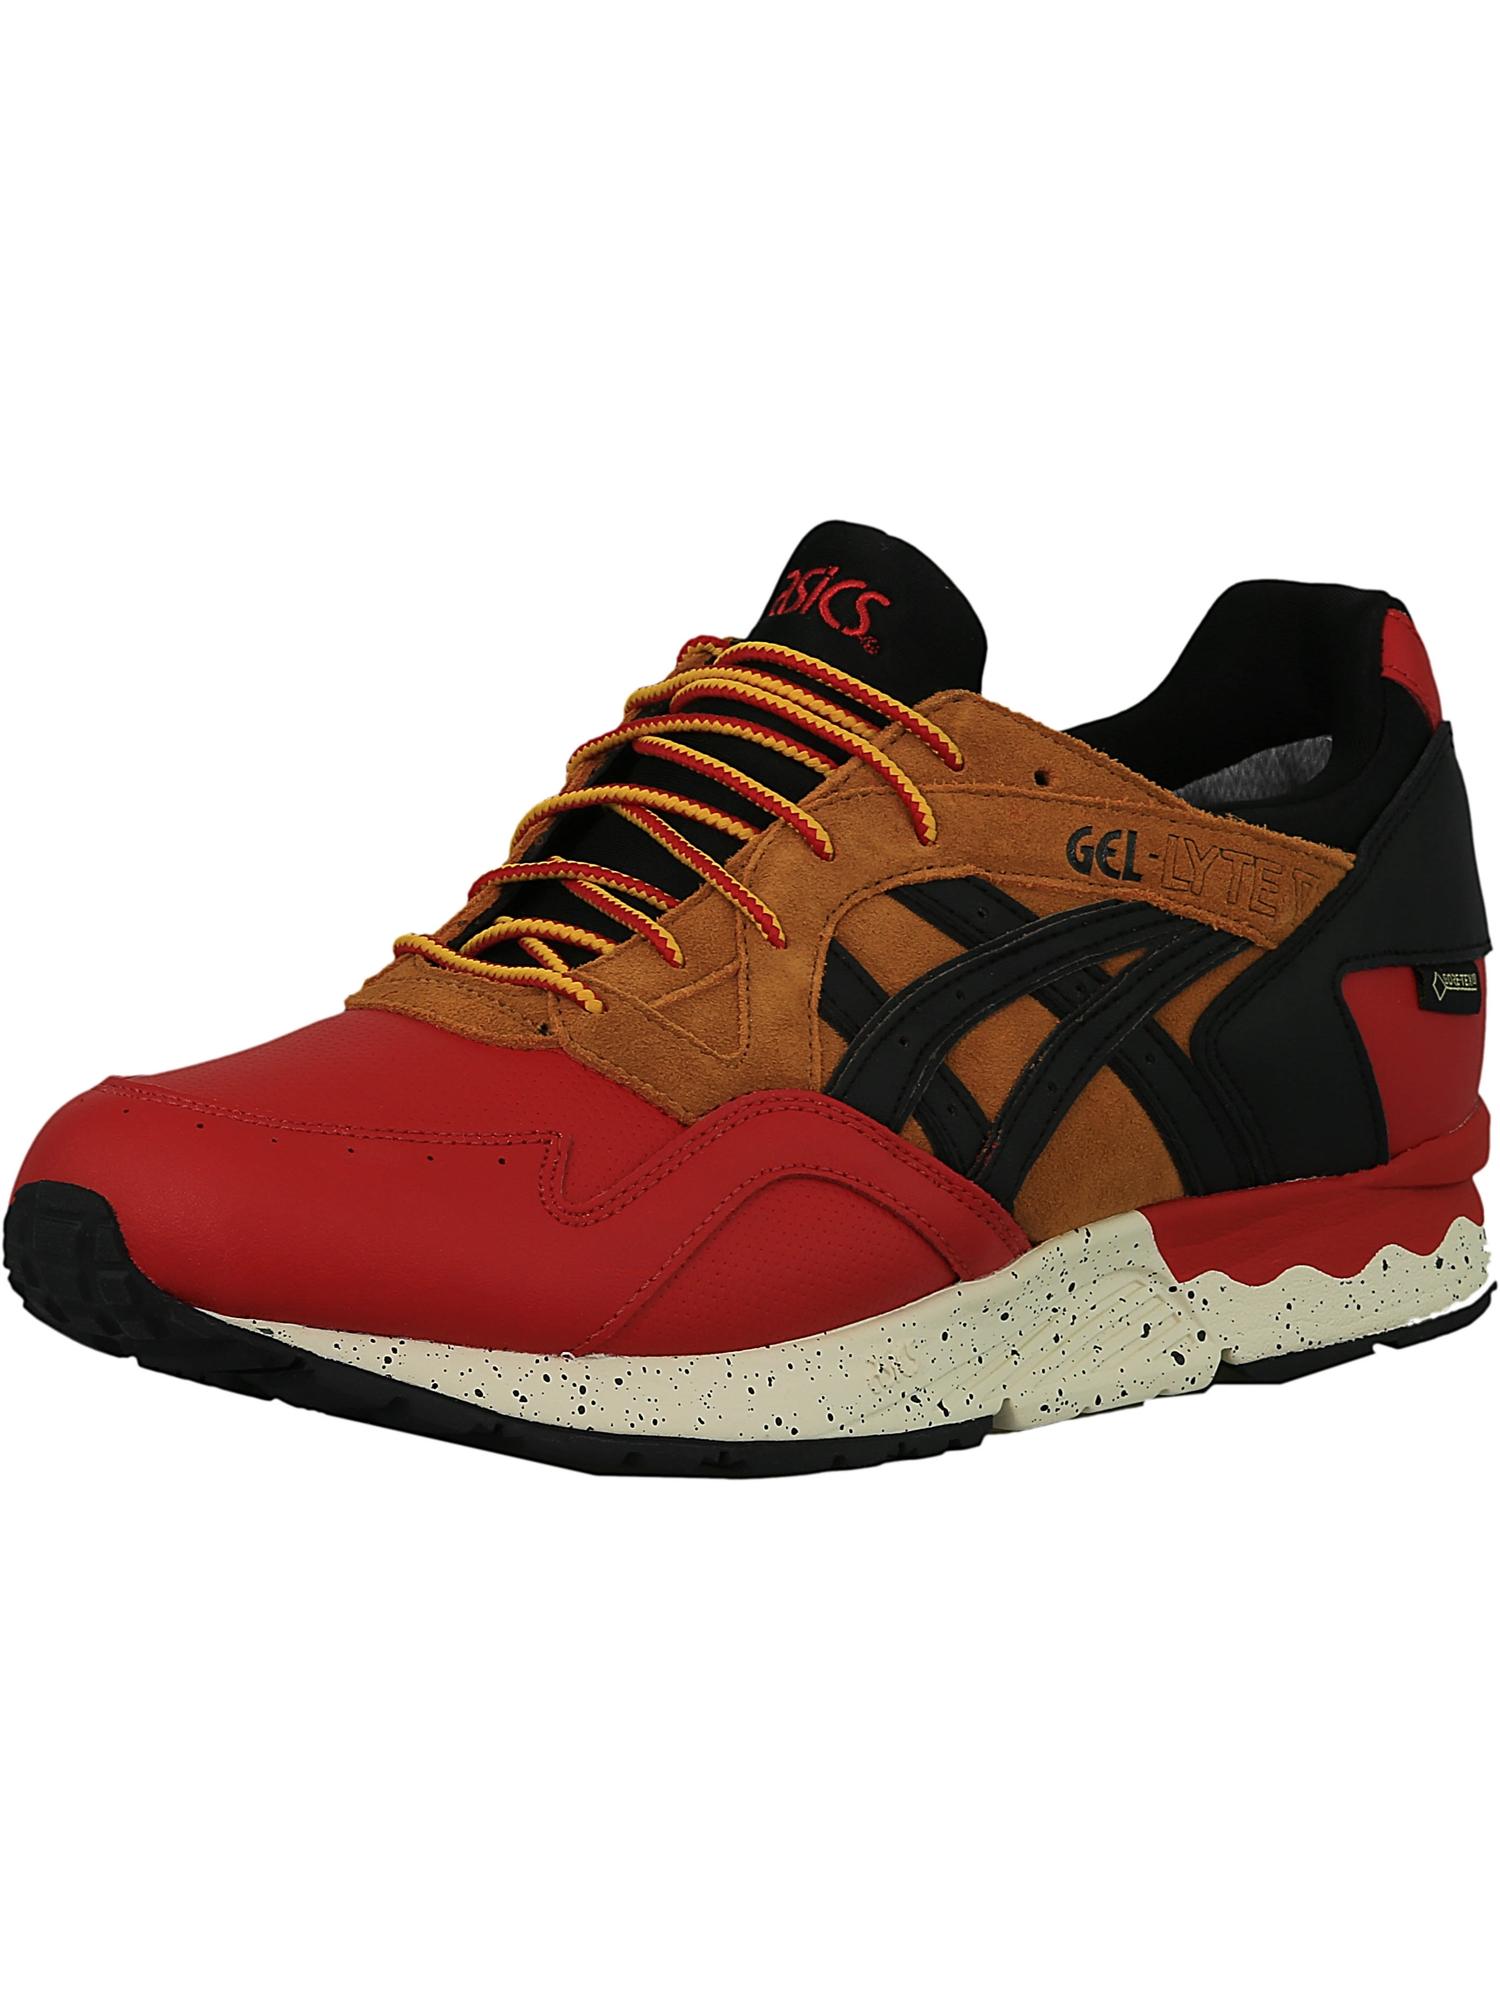 Asics Men's Gel-Lyte V G-Tx Red / Black Ankle-High Leather Running Shoe - 10.5M